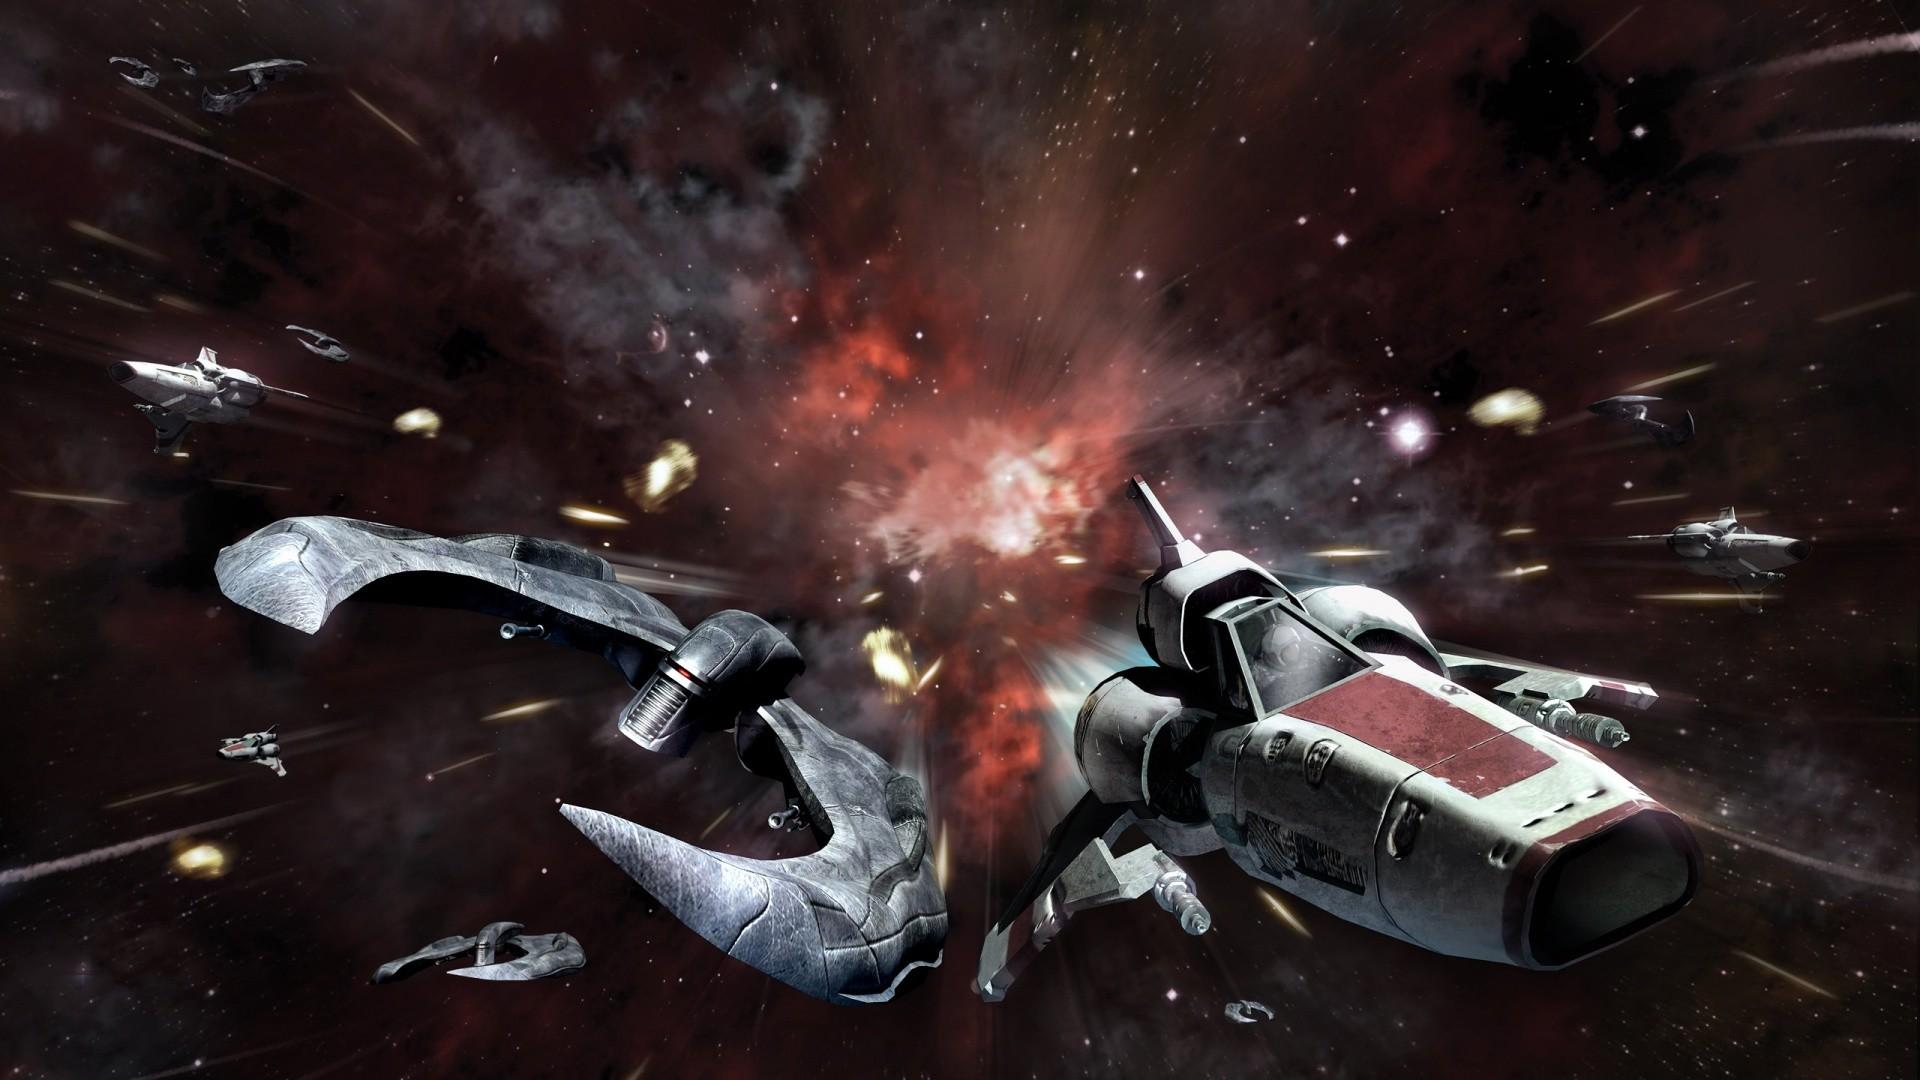 Battlestar Galactica: Online desktop PC and Mac wallpaper